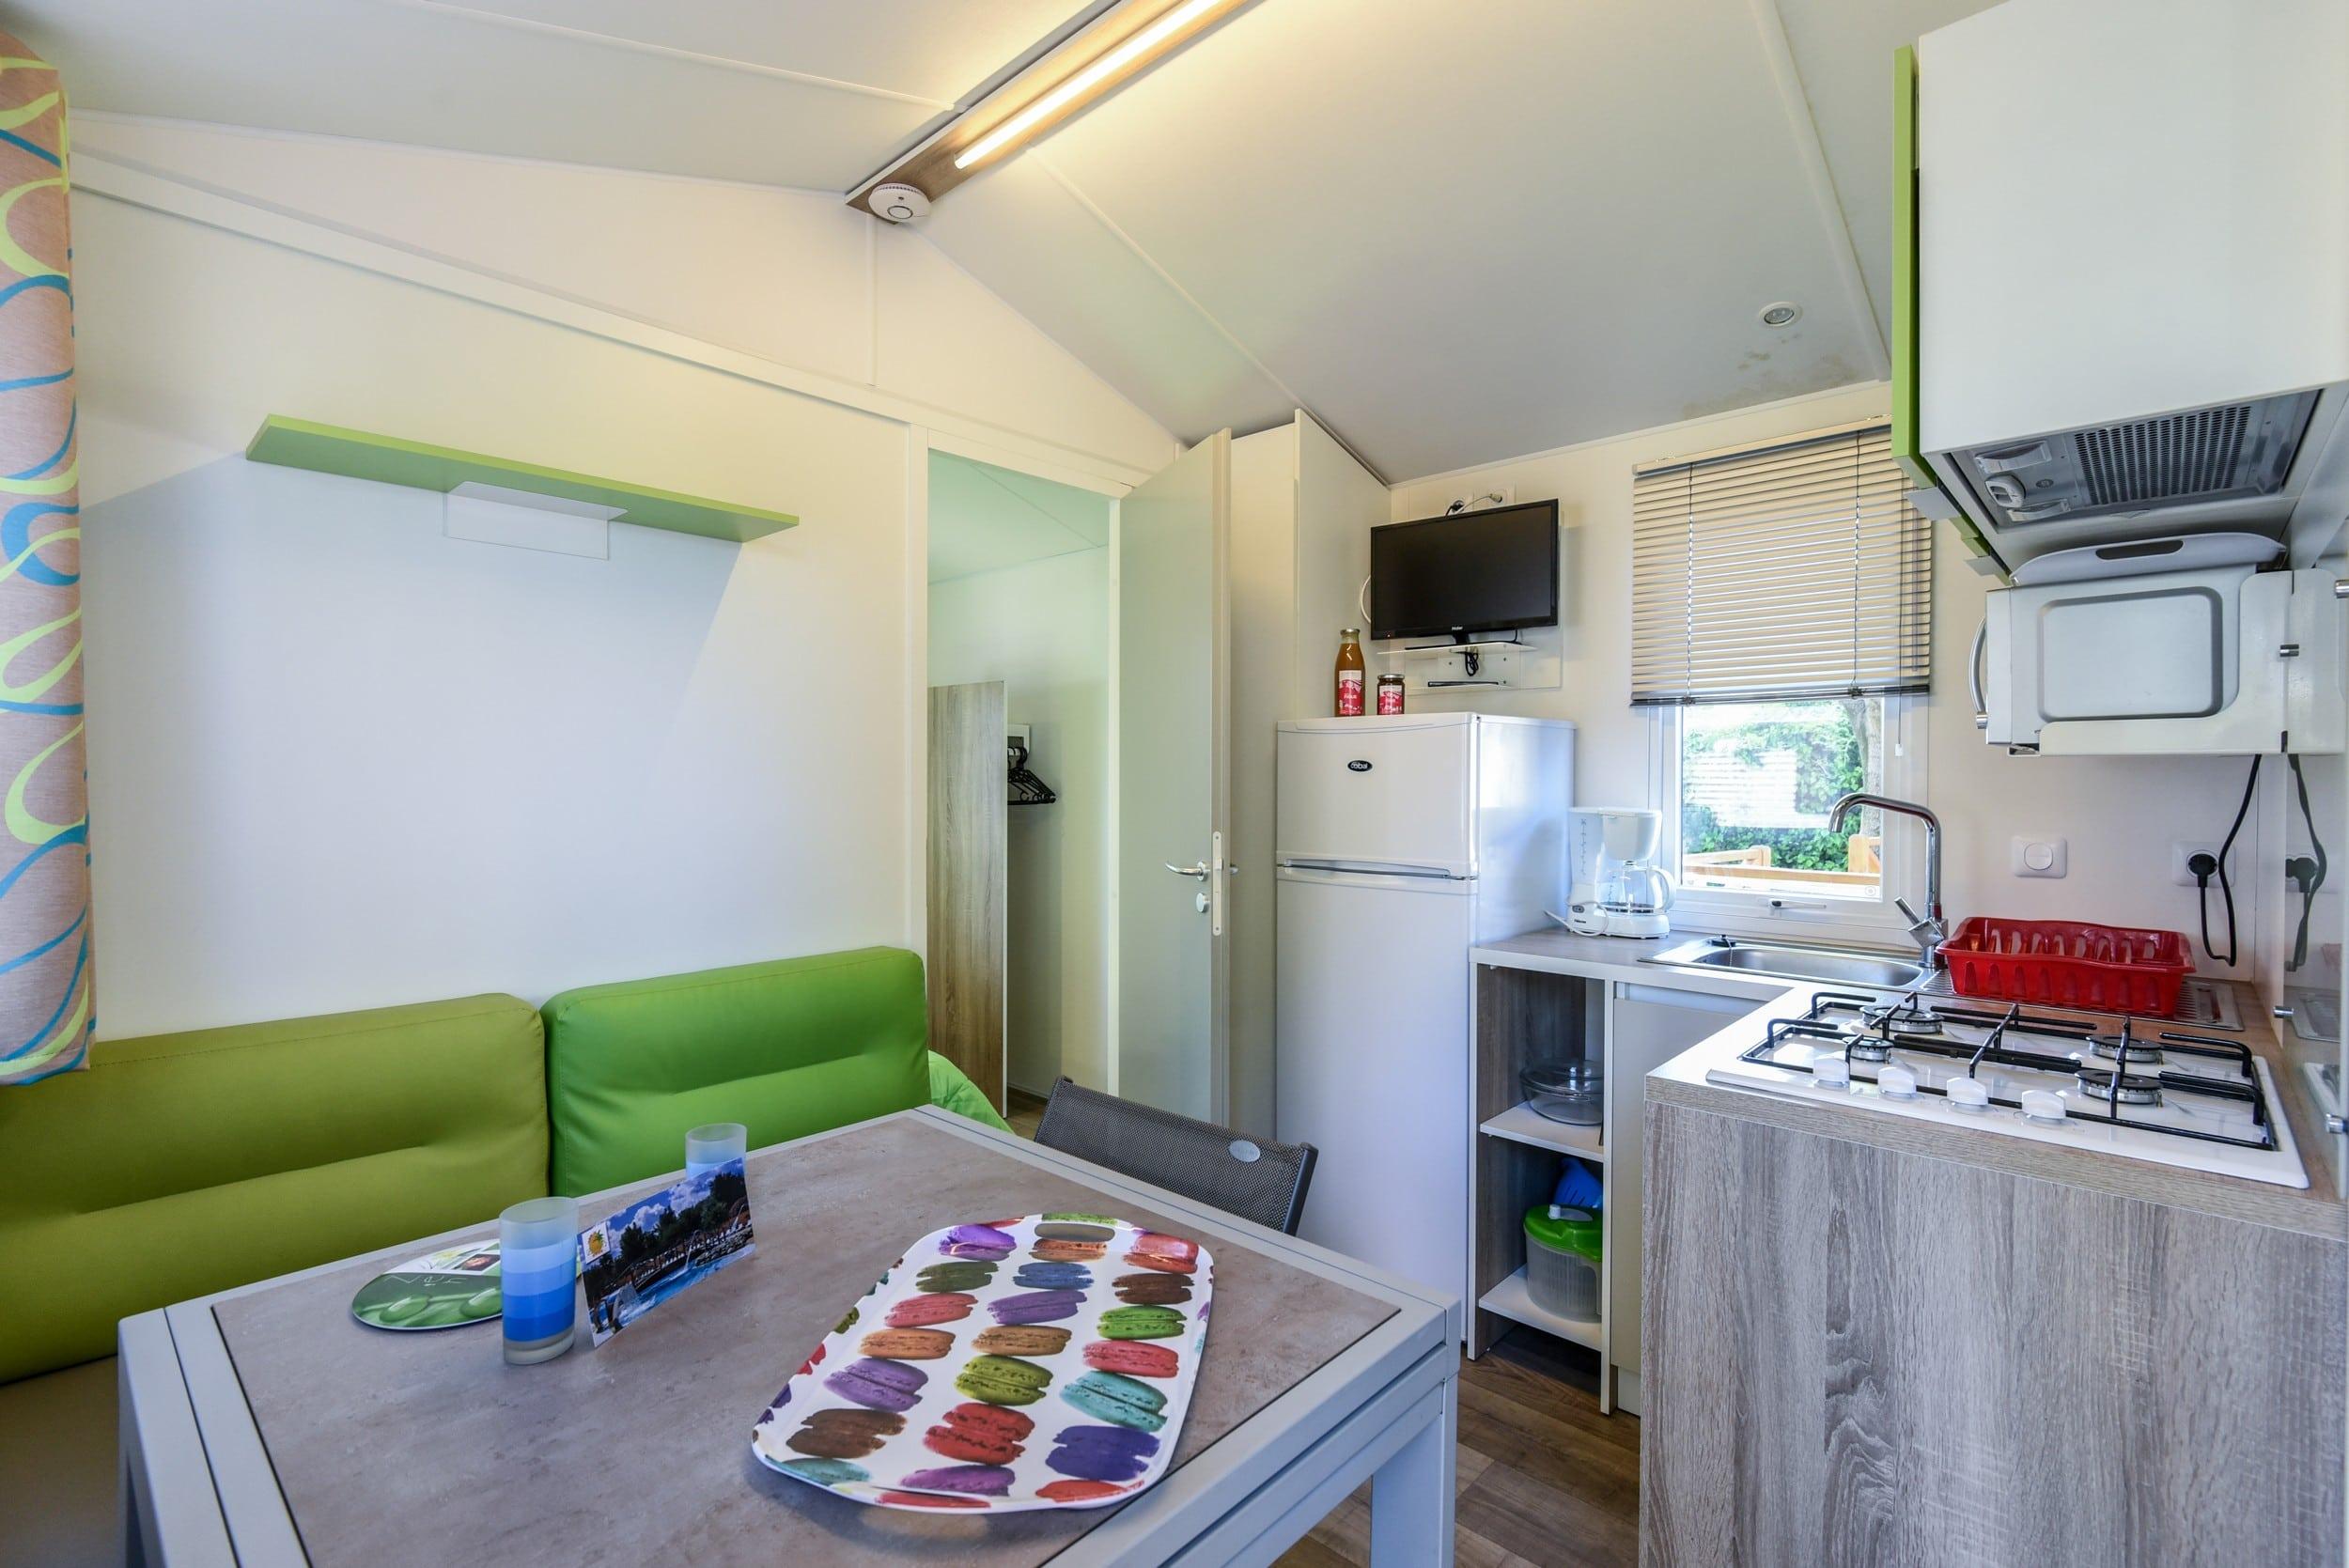 Salon mobil-home argeles